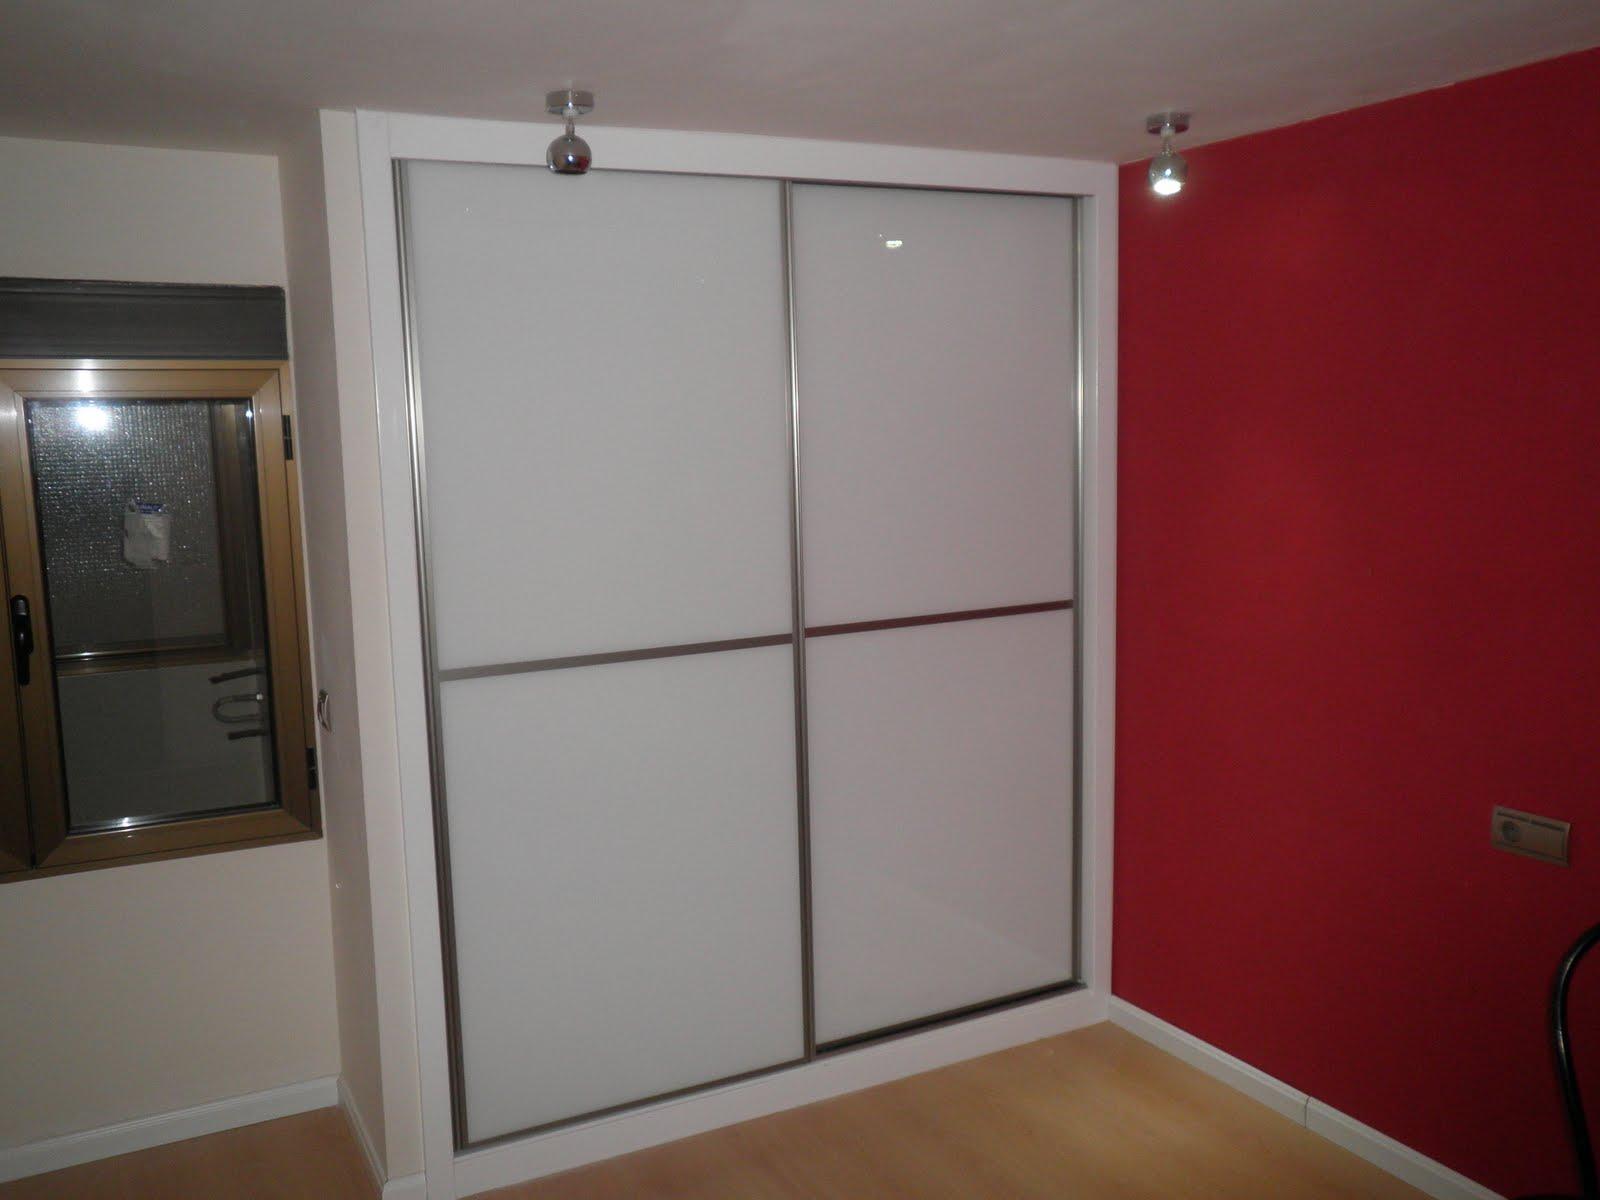 Decoraciones sahuquillo armario puertas correderas cristal - Armario puertas correderas ...